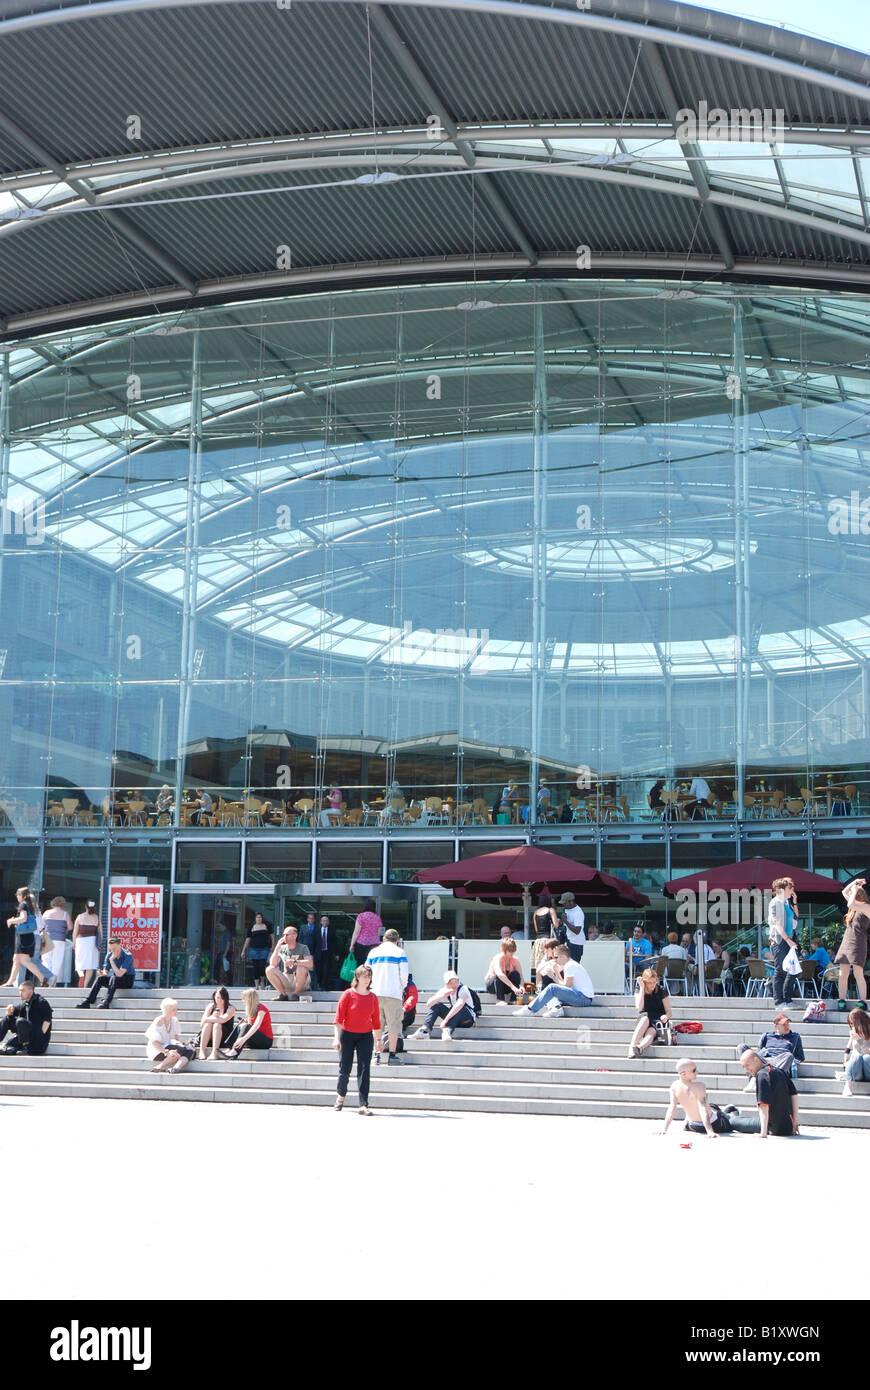 Norwich Forum and Millenium Plain - Stock Image